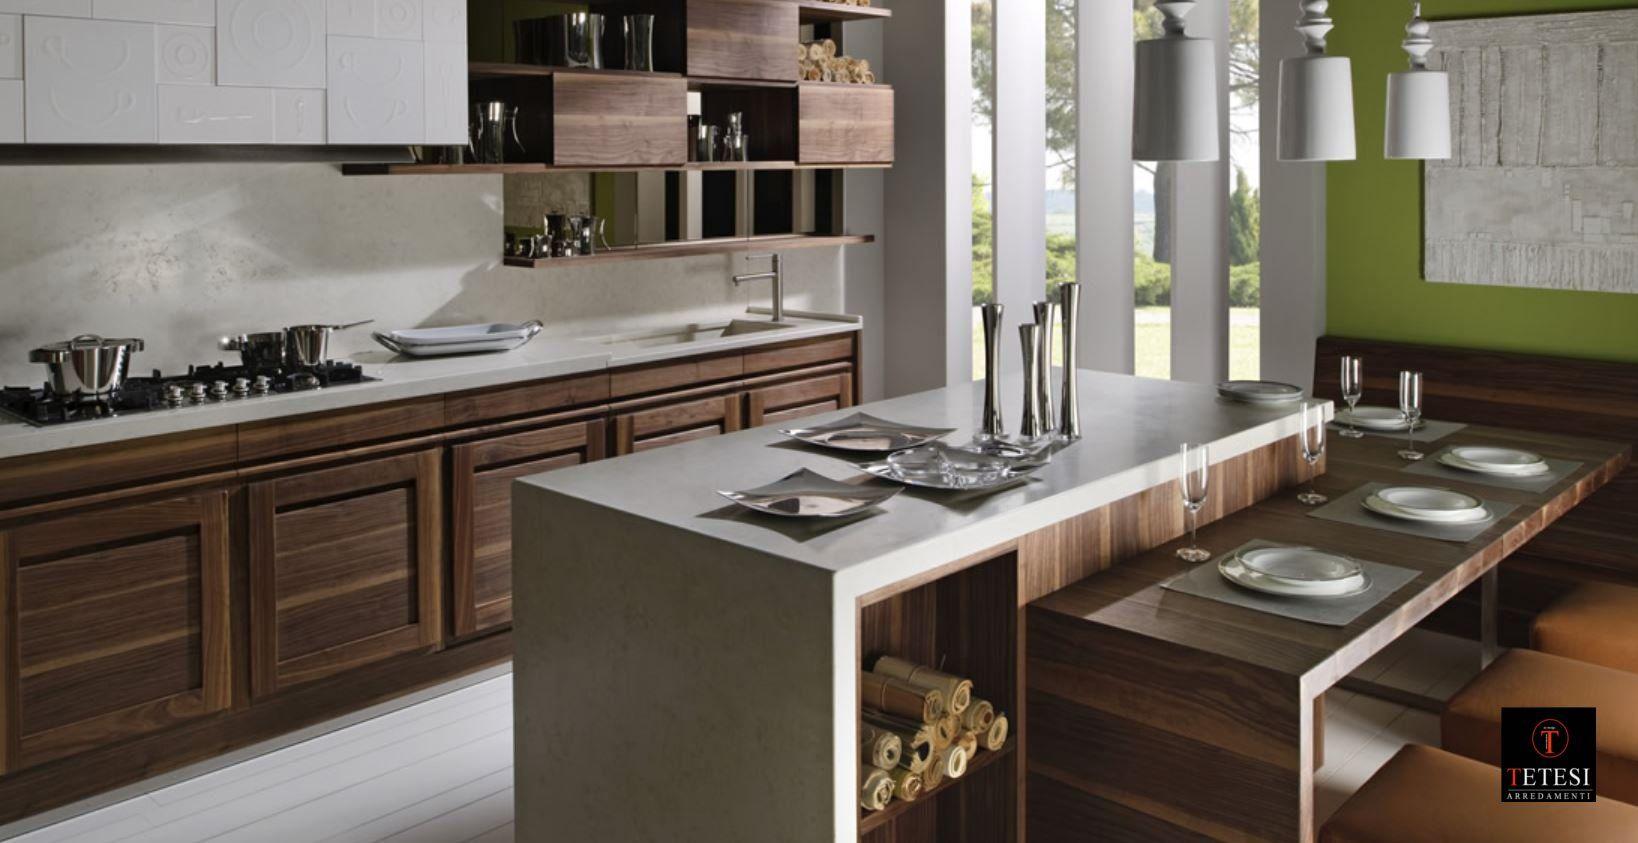 Isole cucina su pinterest cucine bianche cappe e arredo - Isole per cucine moderne ...